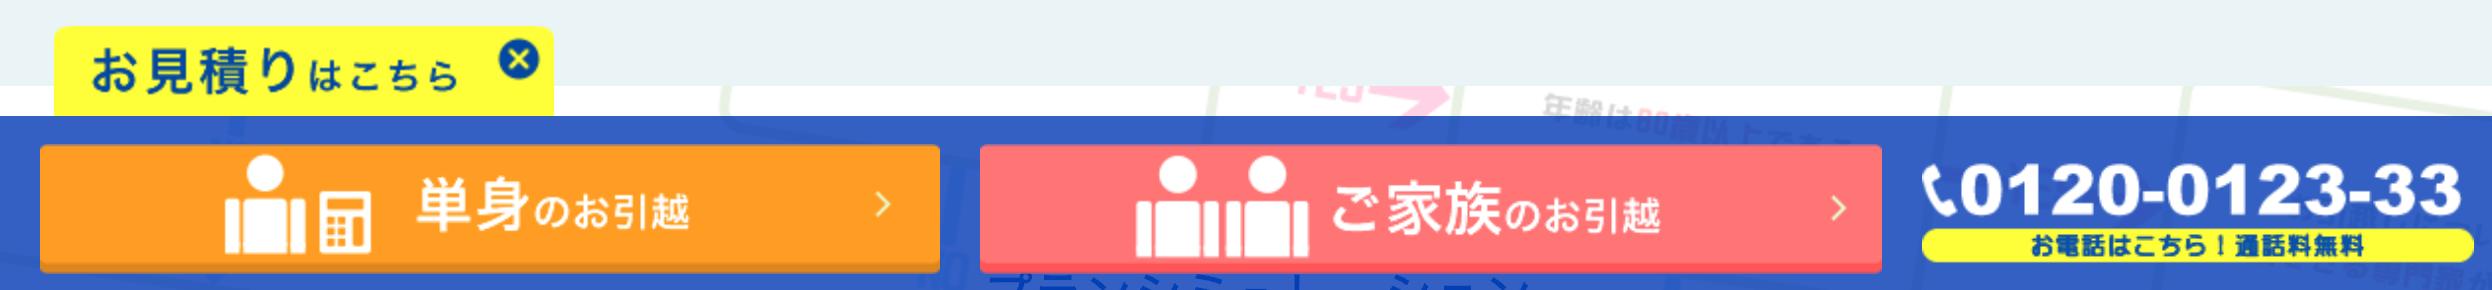 引っ越し屋さんの見積もりフォームボタンの例